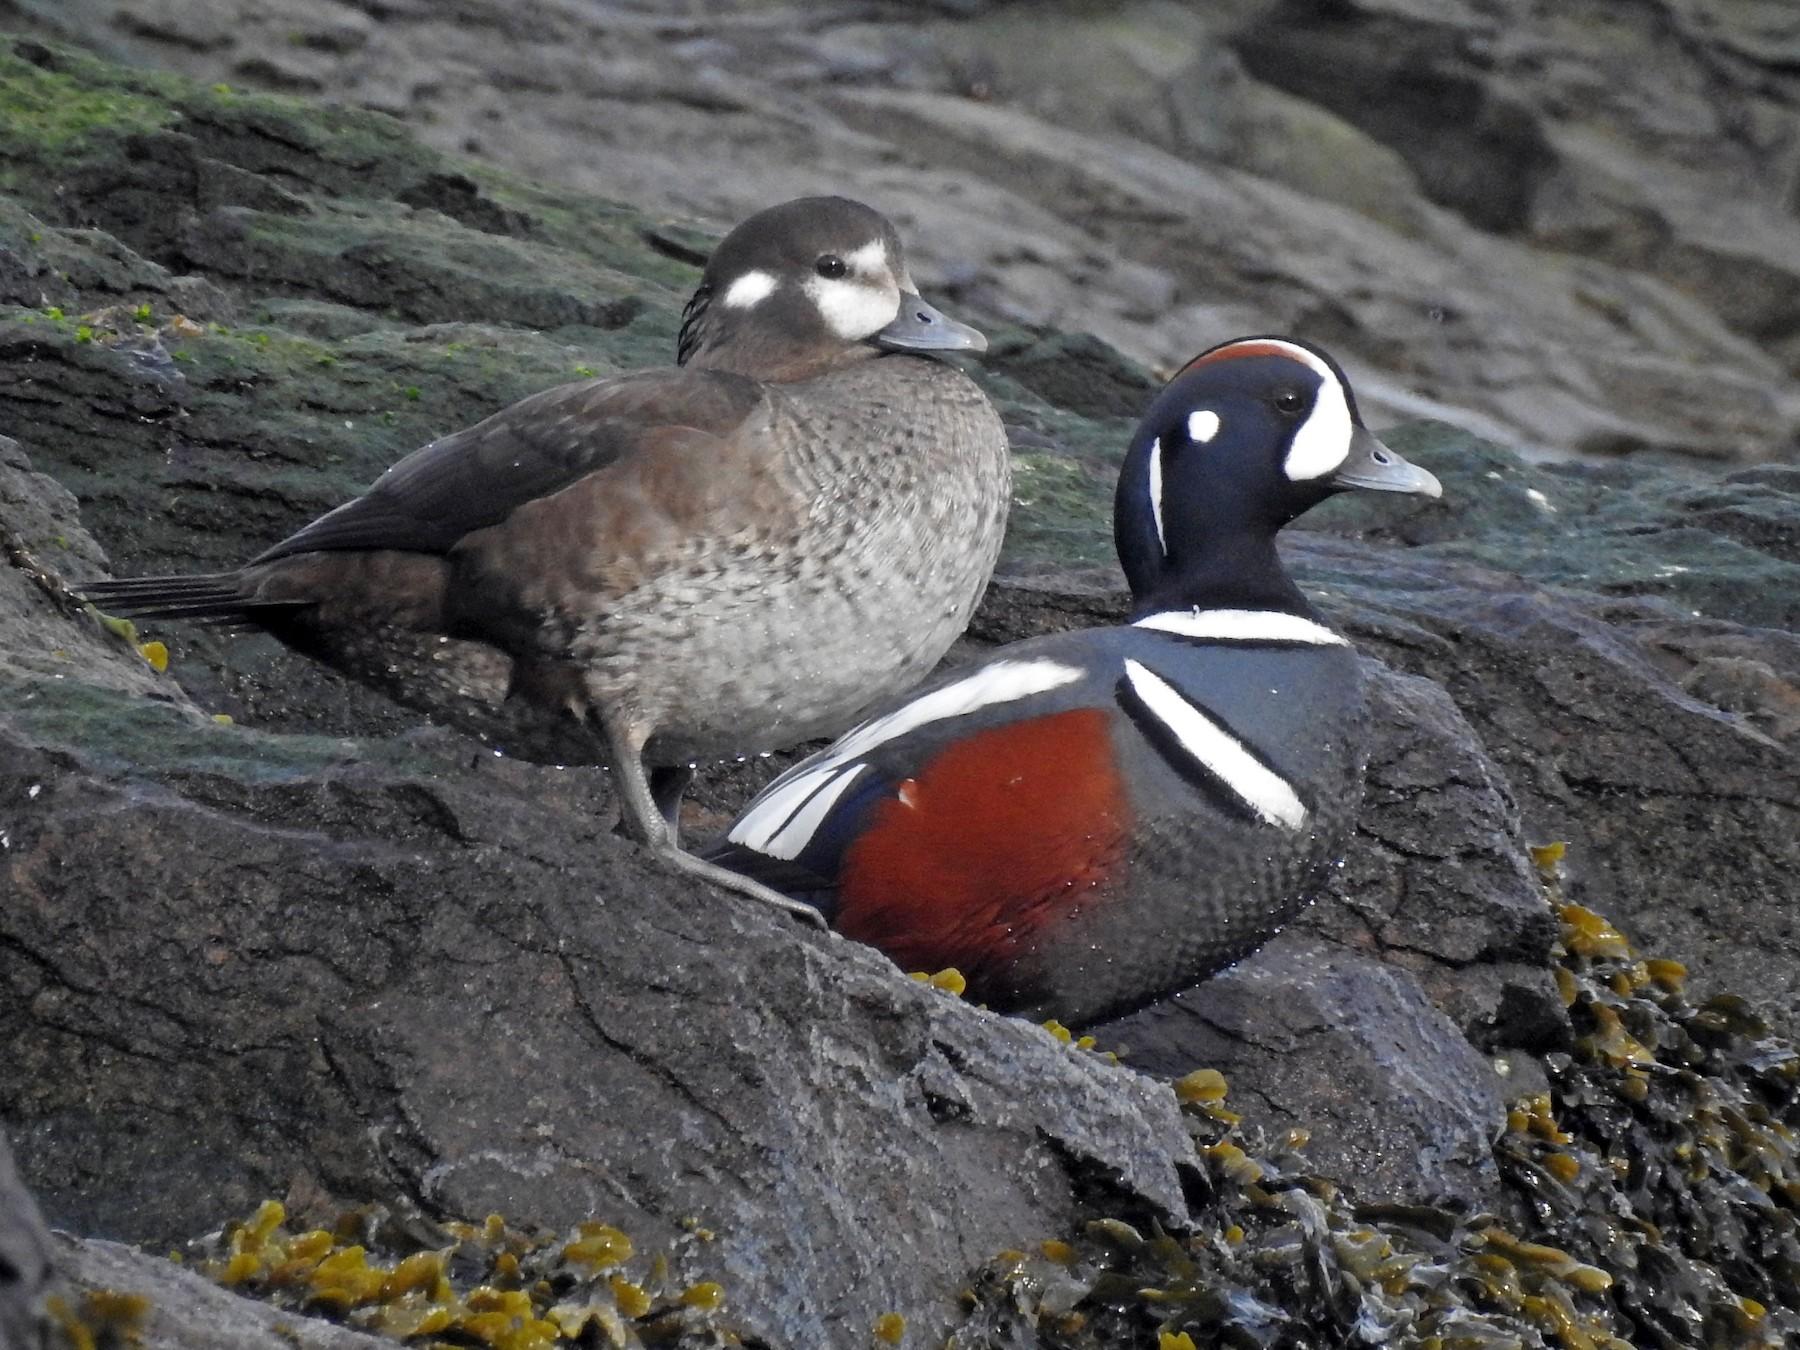 Harlequin Duck - Cos van Wermeskerken